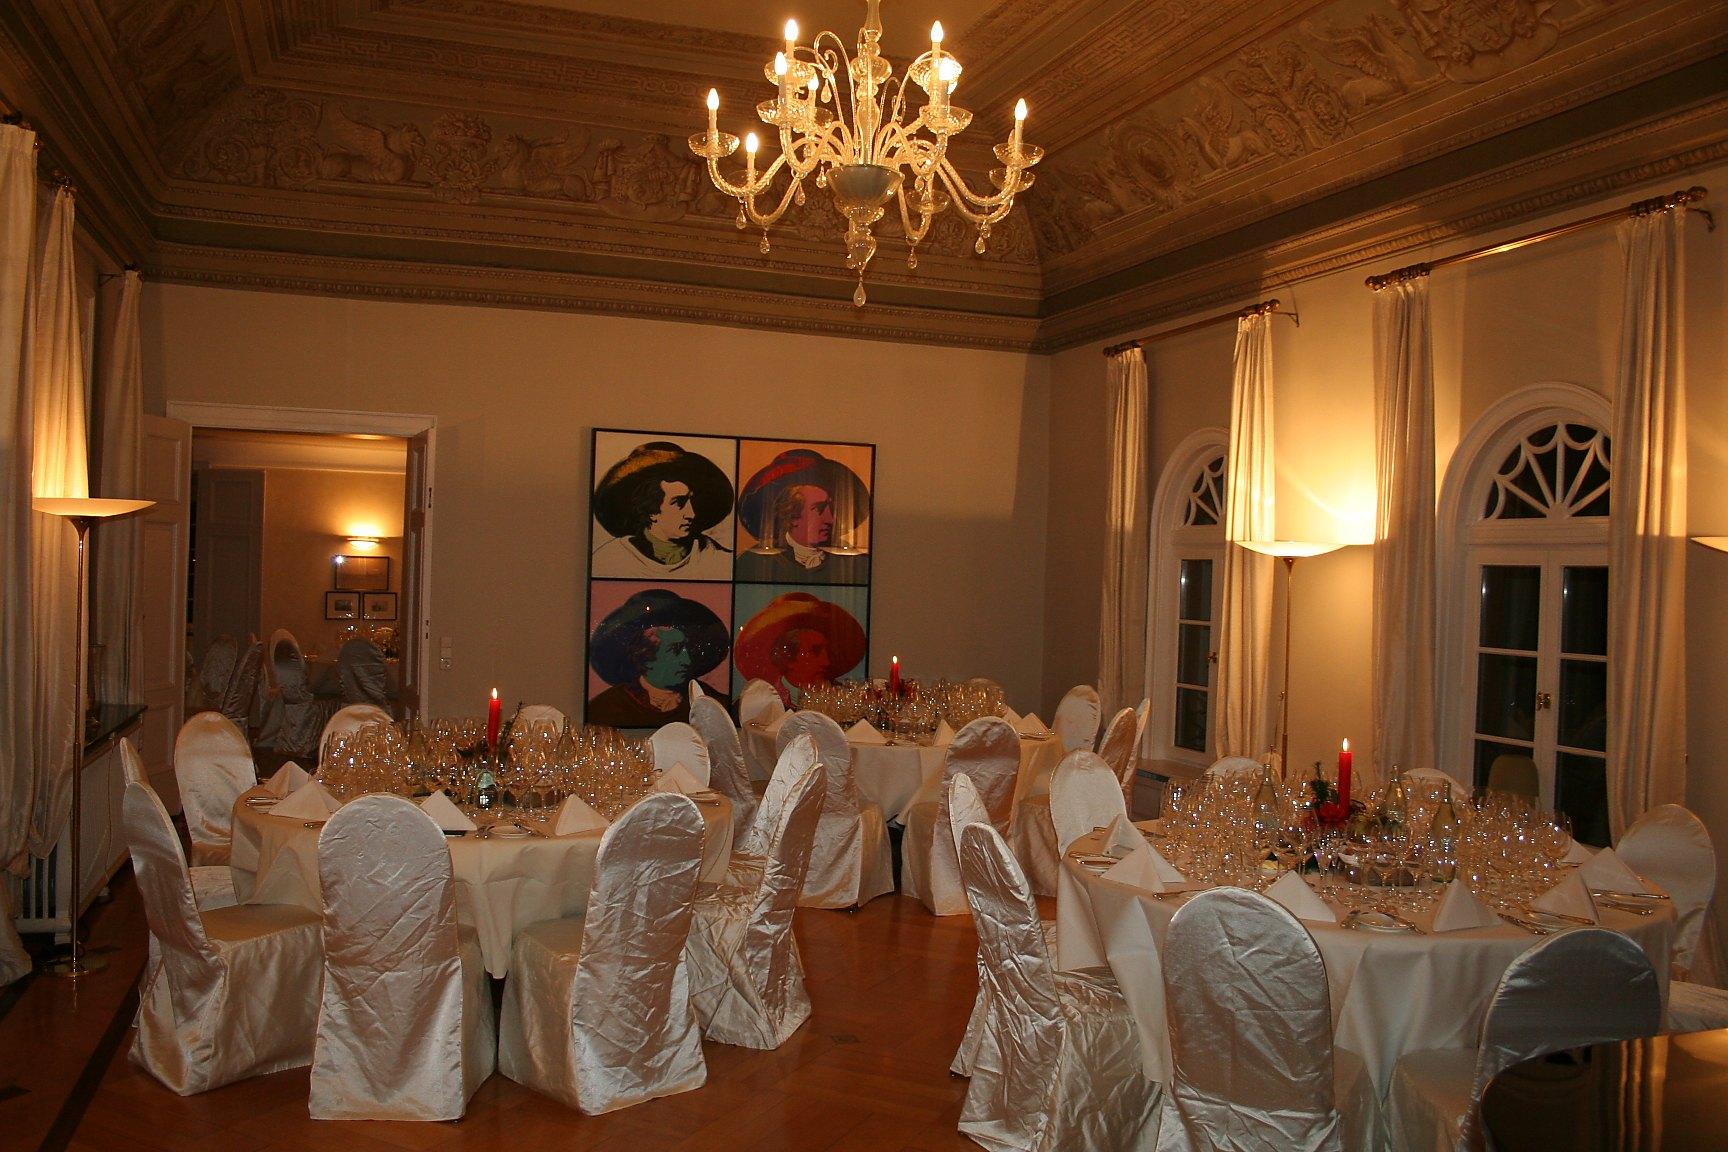 Ein angemessener Rahmen für eine Weinprobe des Collegium Vini - Villa Mumm, Eltville